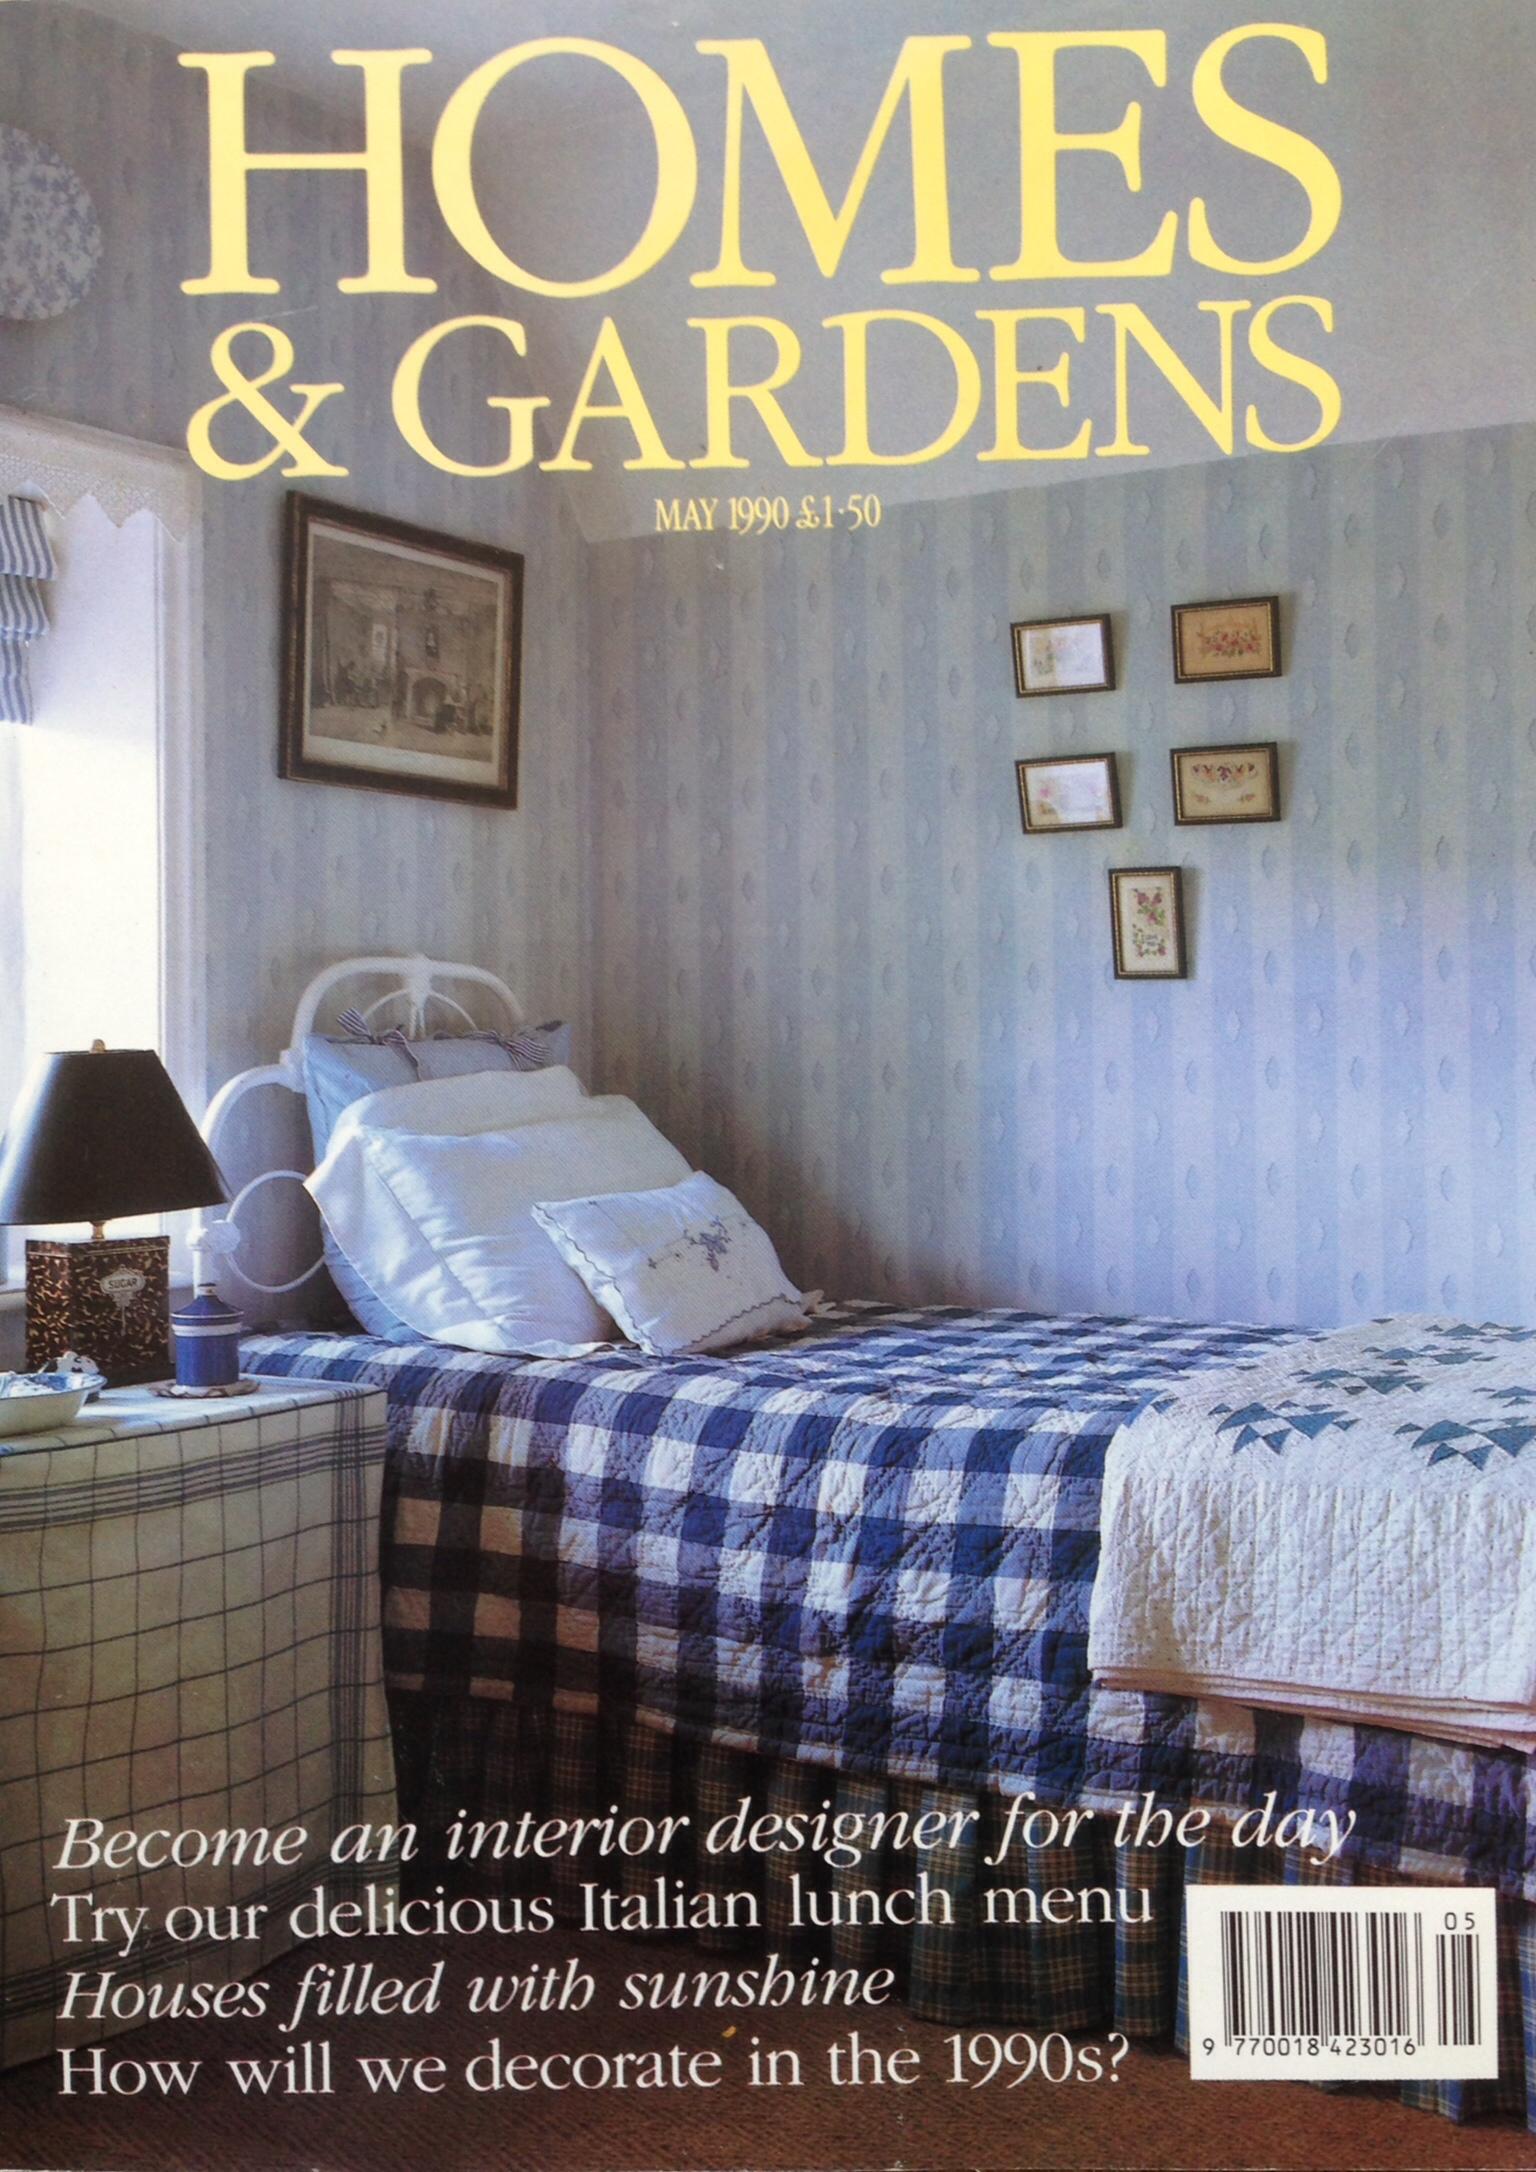 Homes & Gardens 1990